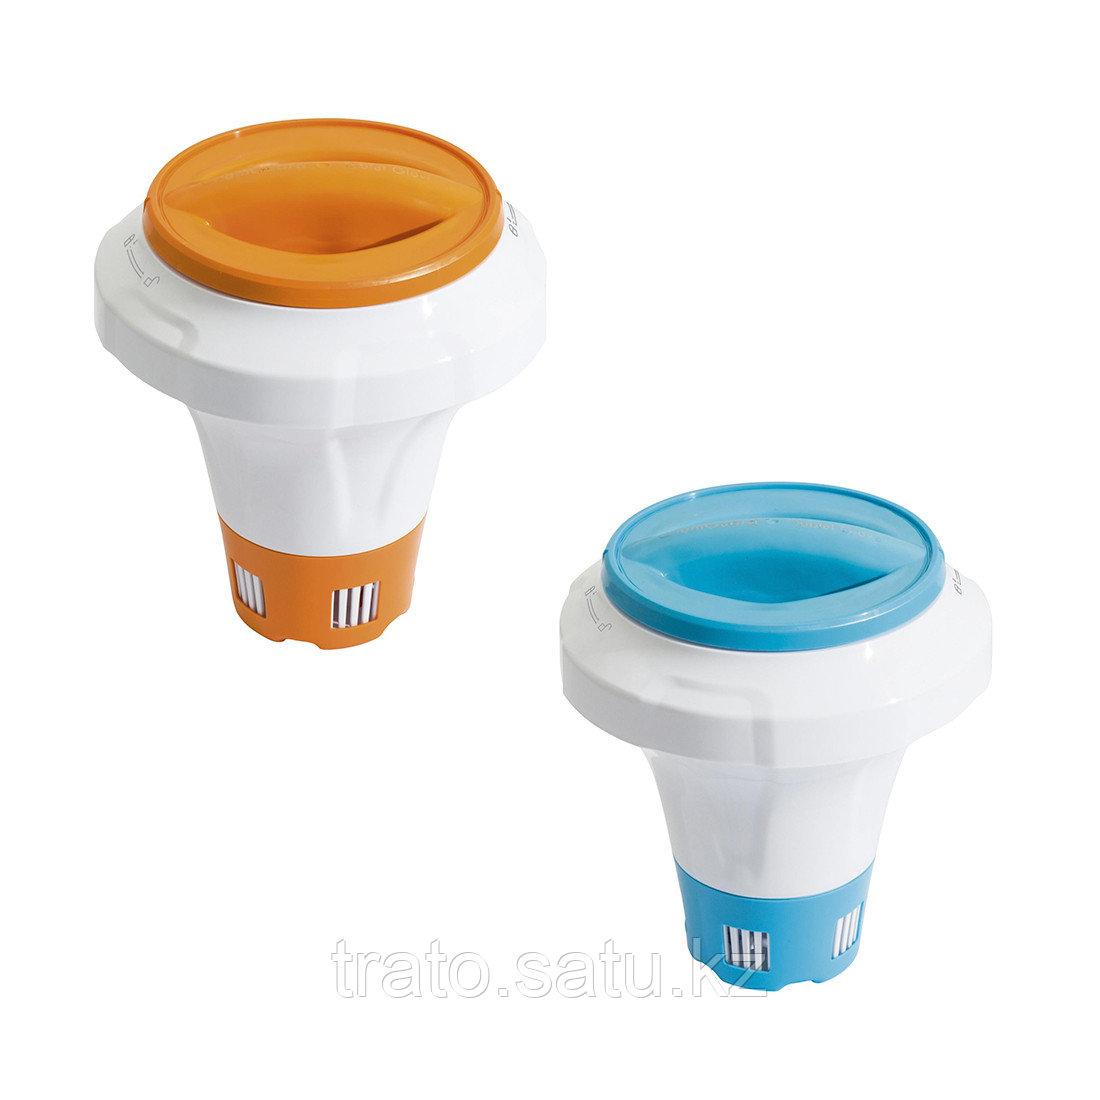 Дозатор плавающий для химикатов Flowclear 21 см с перчаткой Chemguard